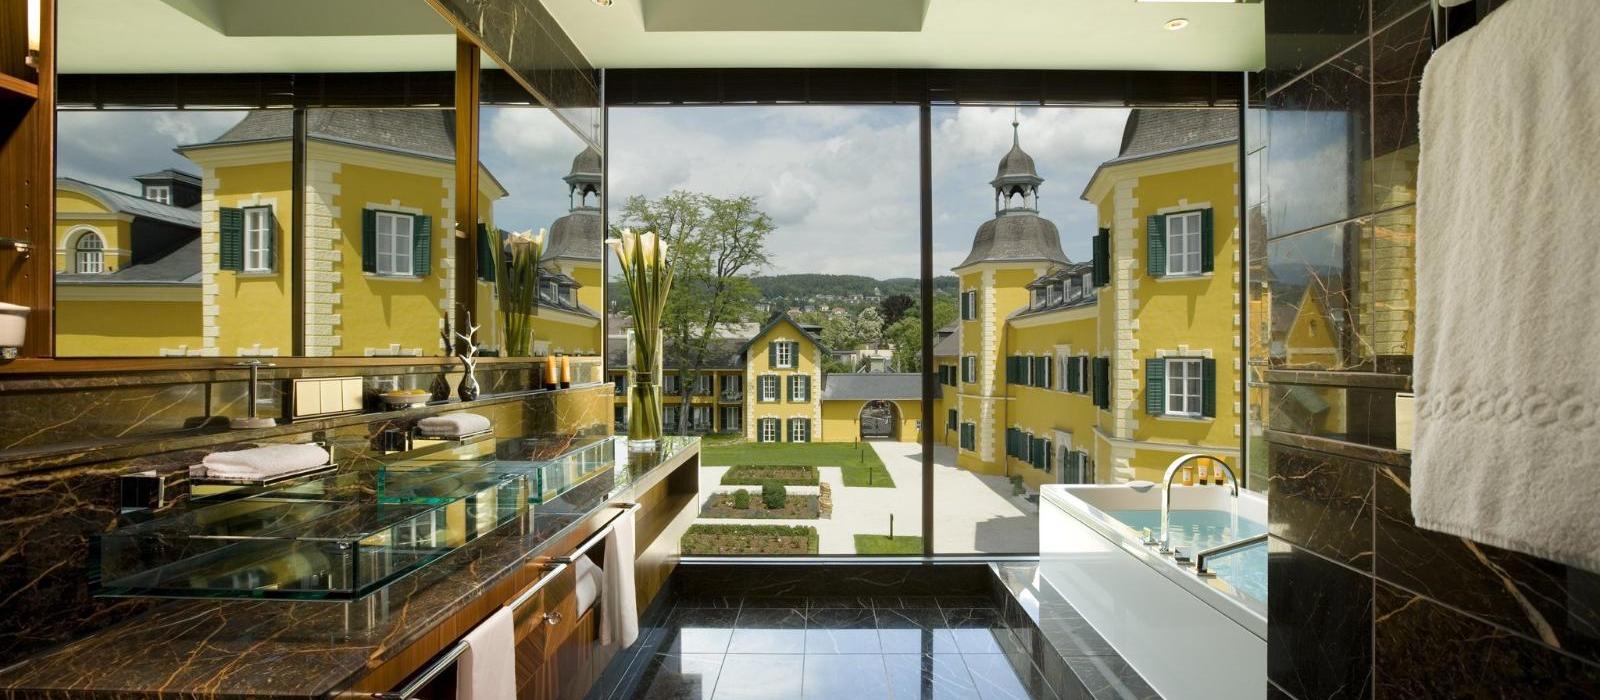 韦尔登弗肯斯坦纳城堡酒店(Falkensteiner Schlosshotel Velden) 浴室图片  www.lhw.cn